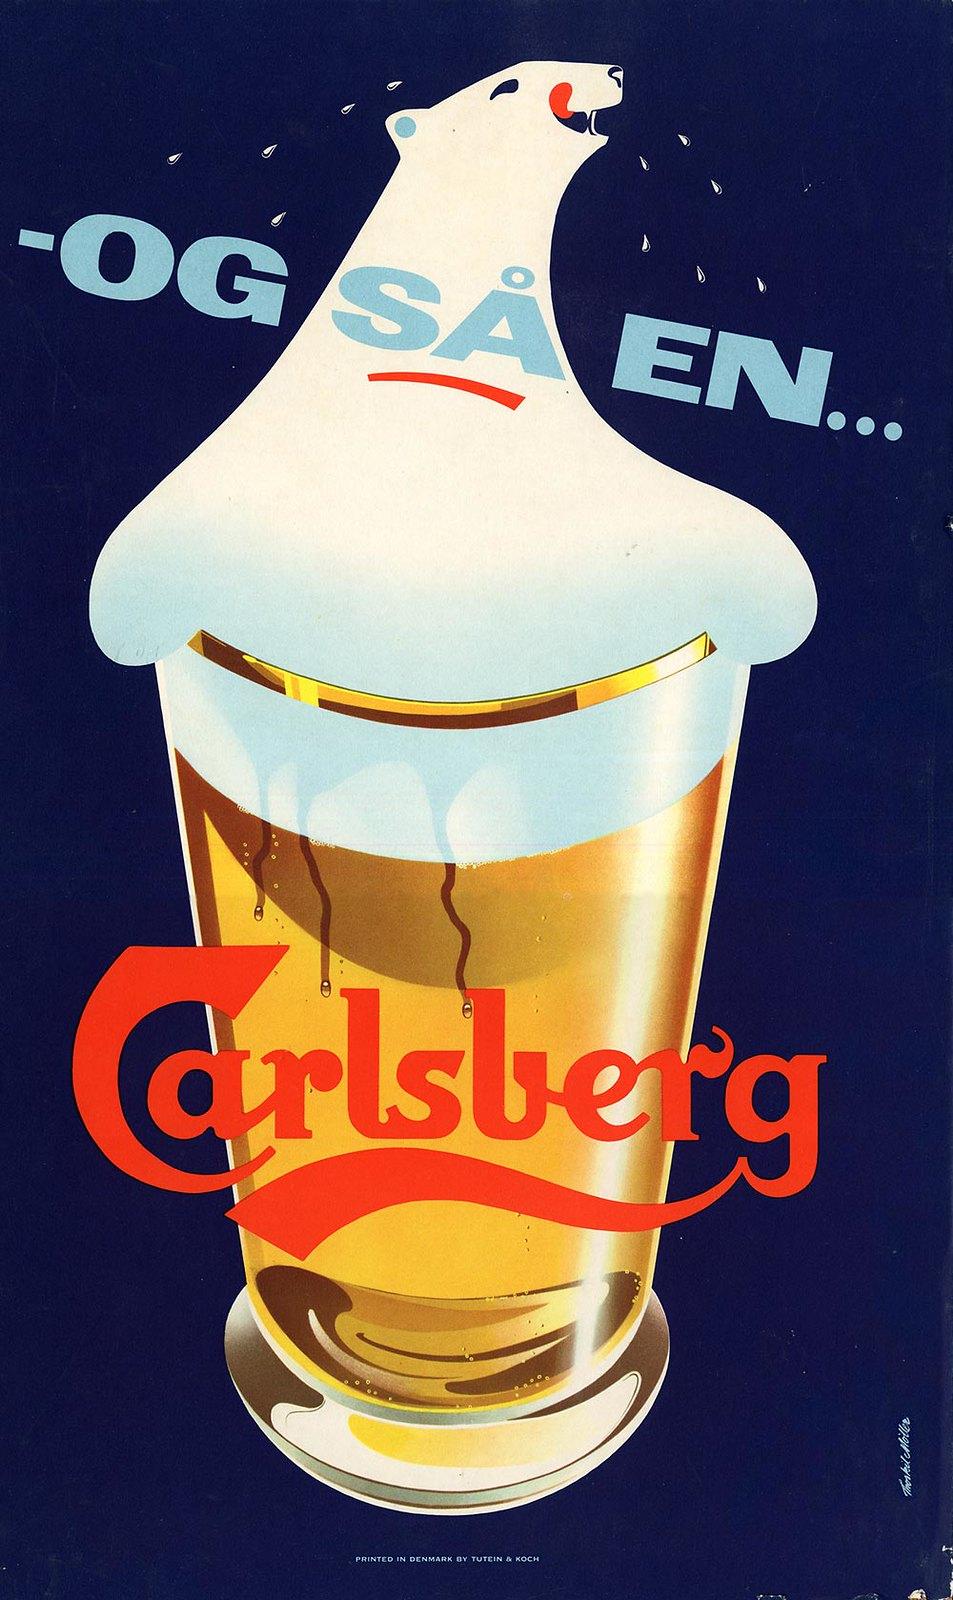 carlsberg19